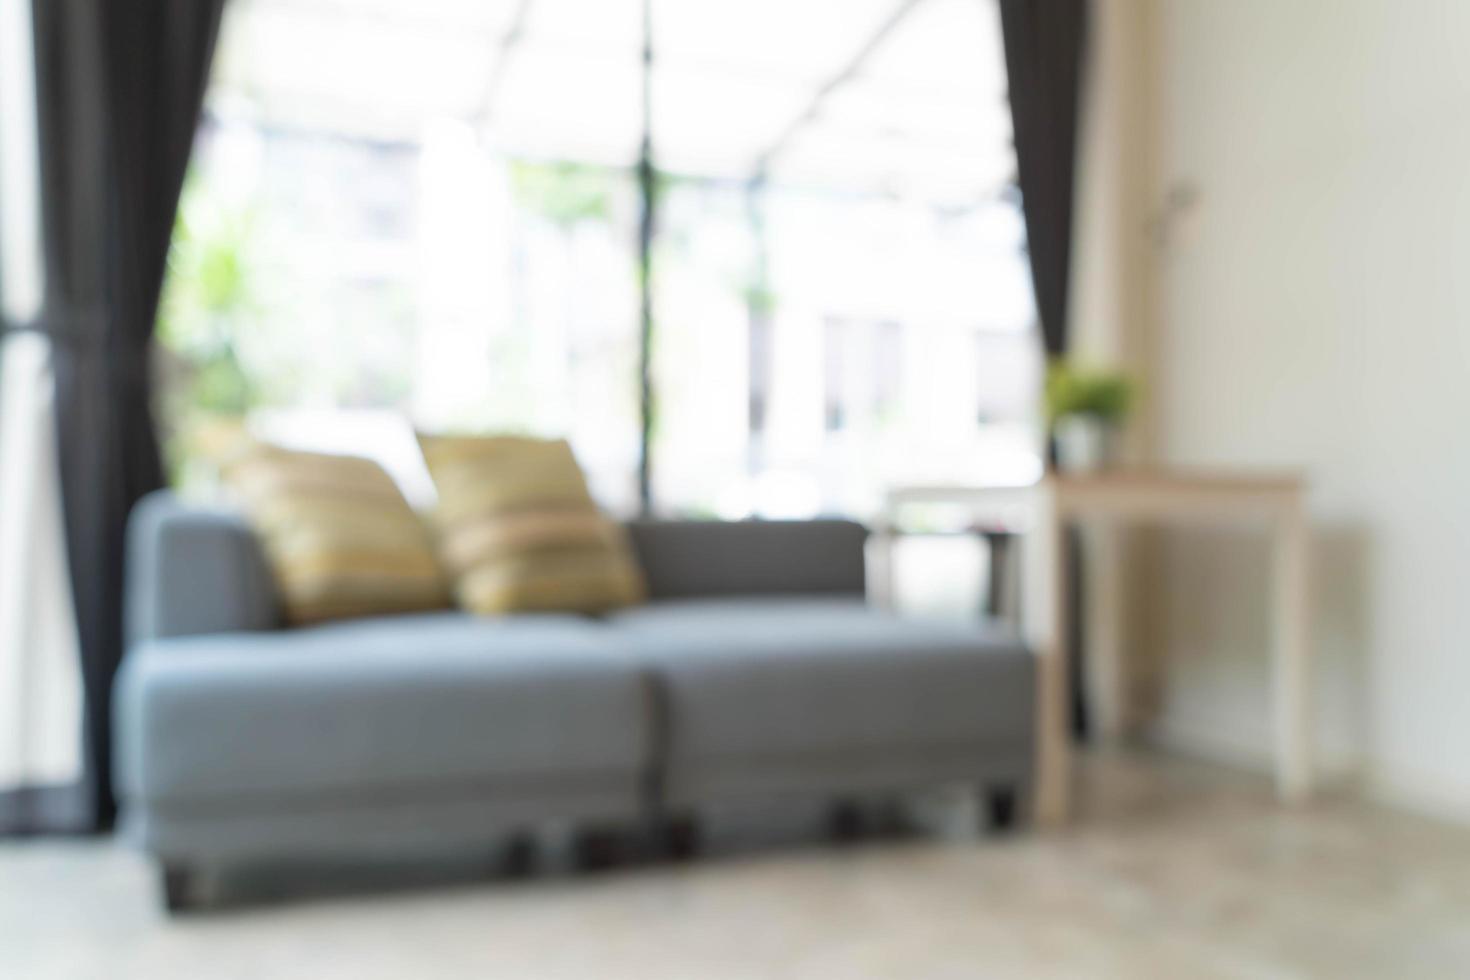 abstrakt oskärpa modern inredning i vardagsrum foto